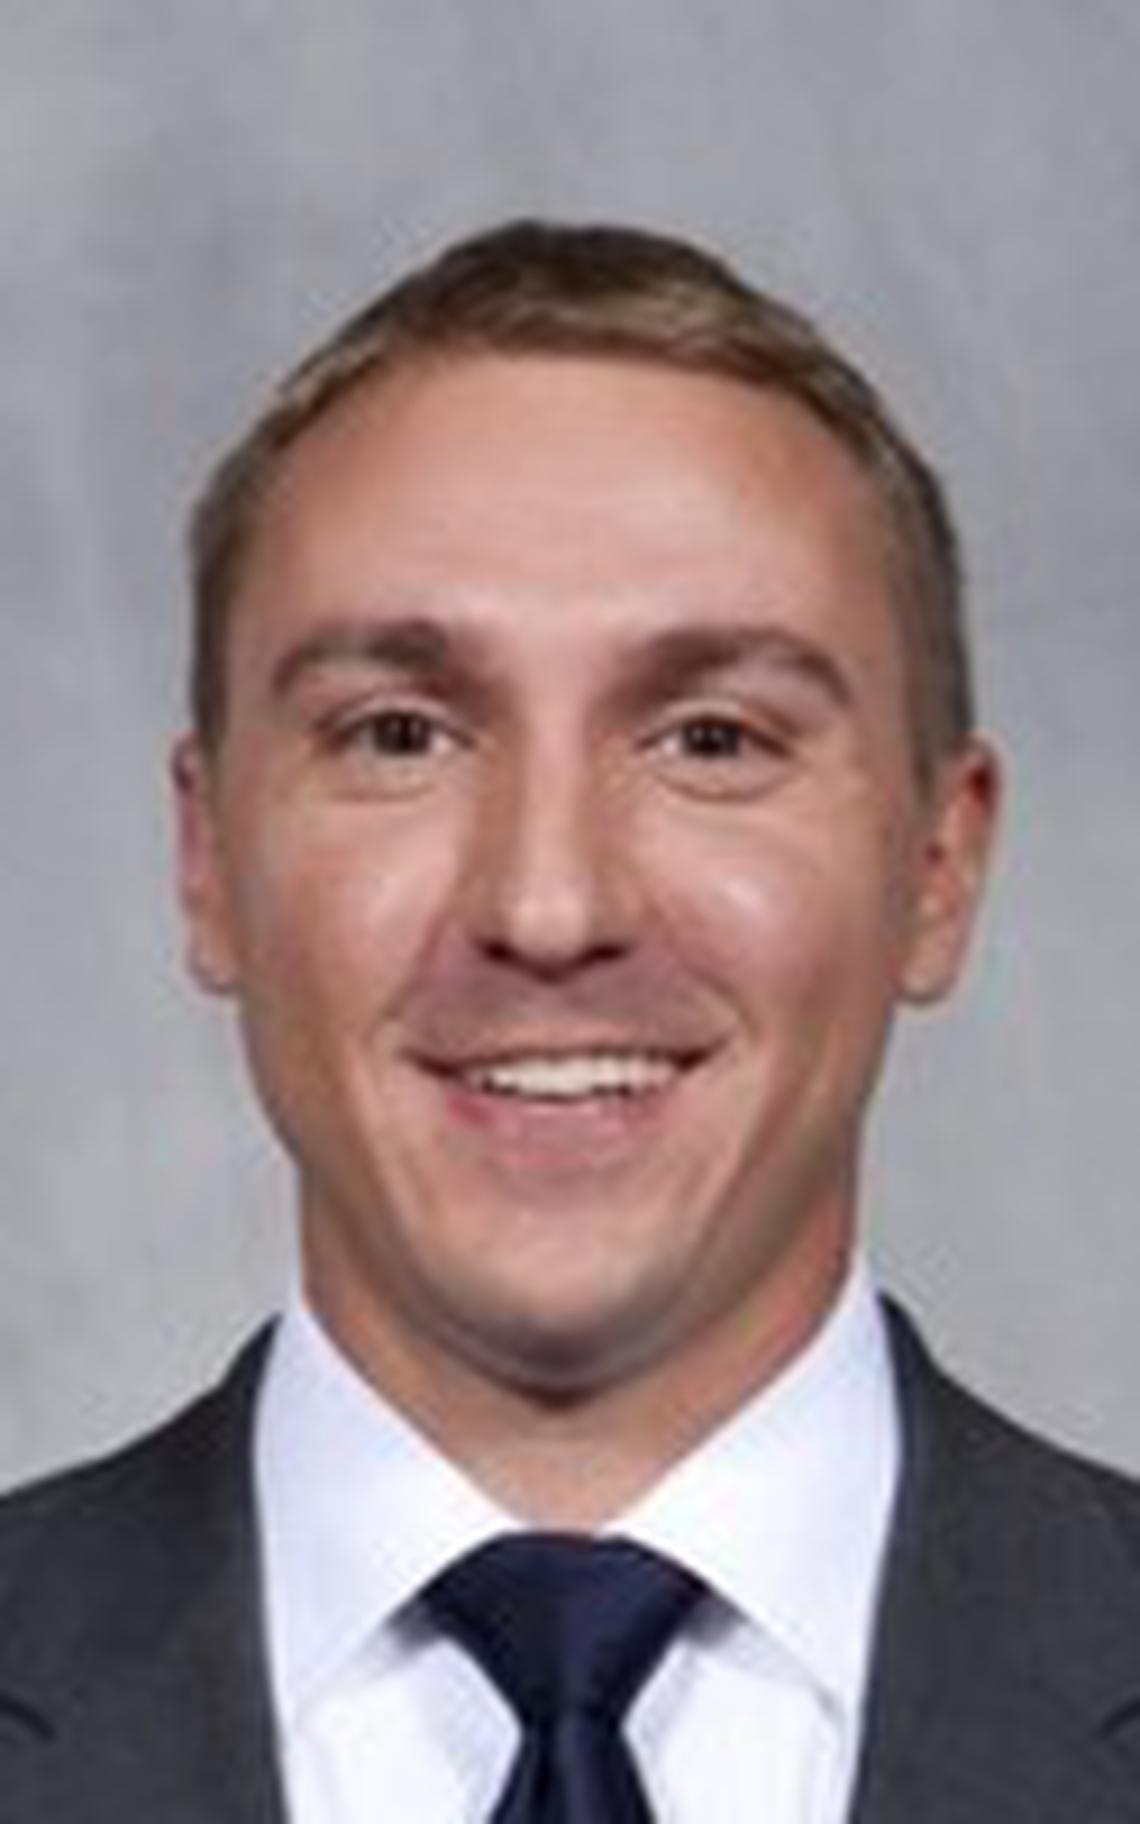 Todd Schultz